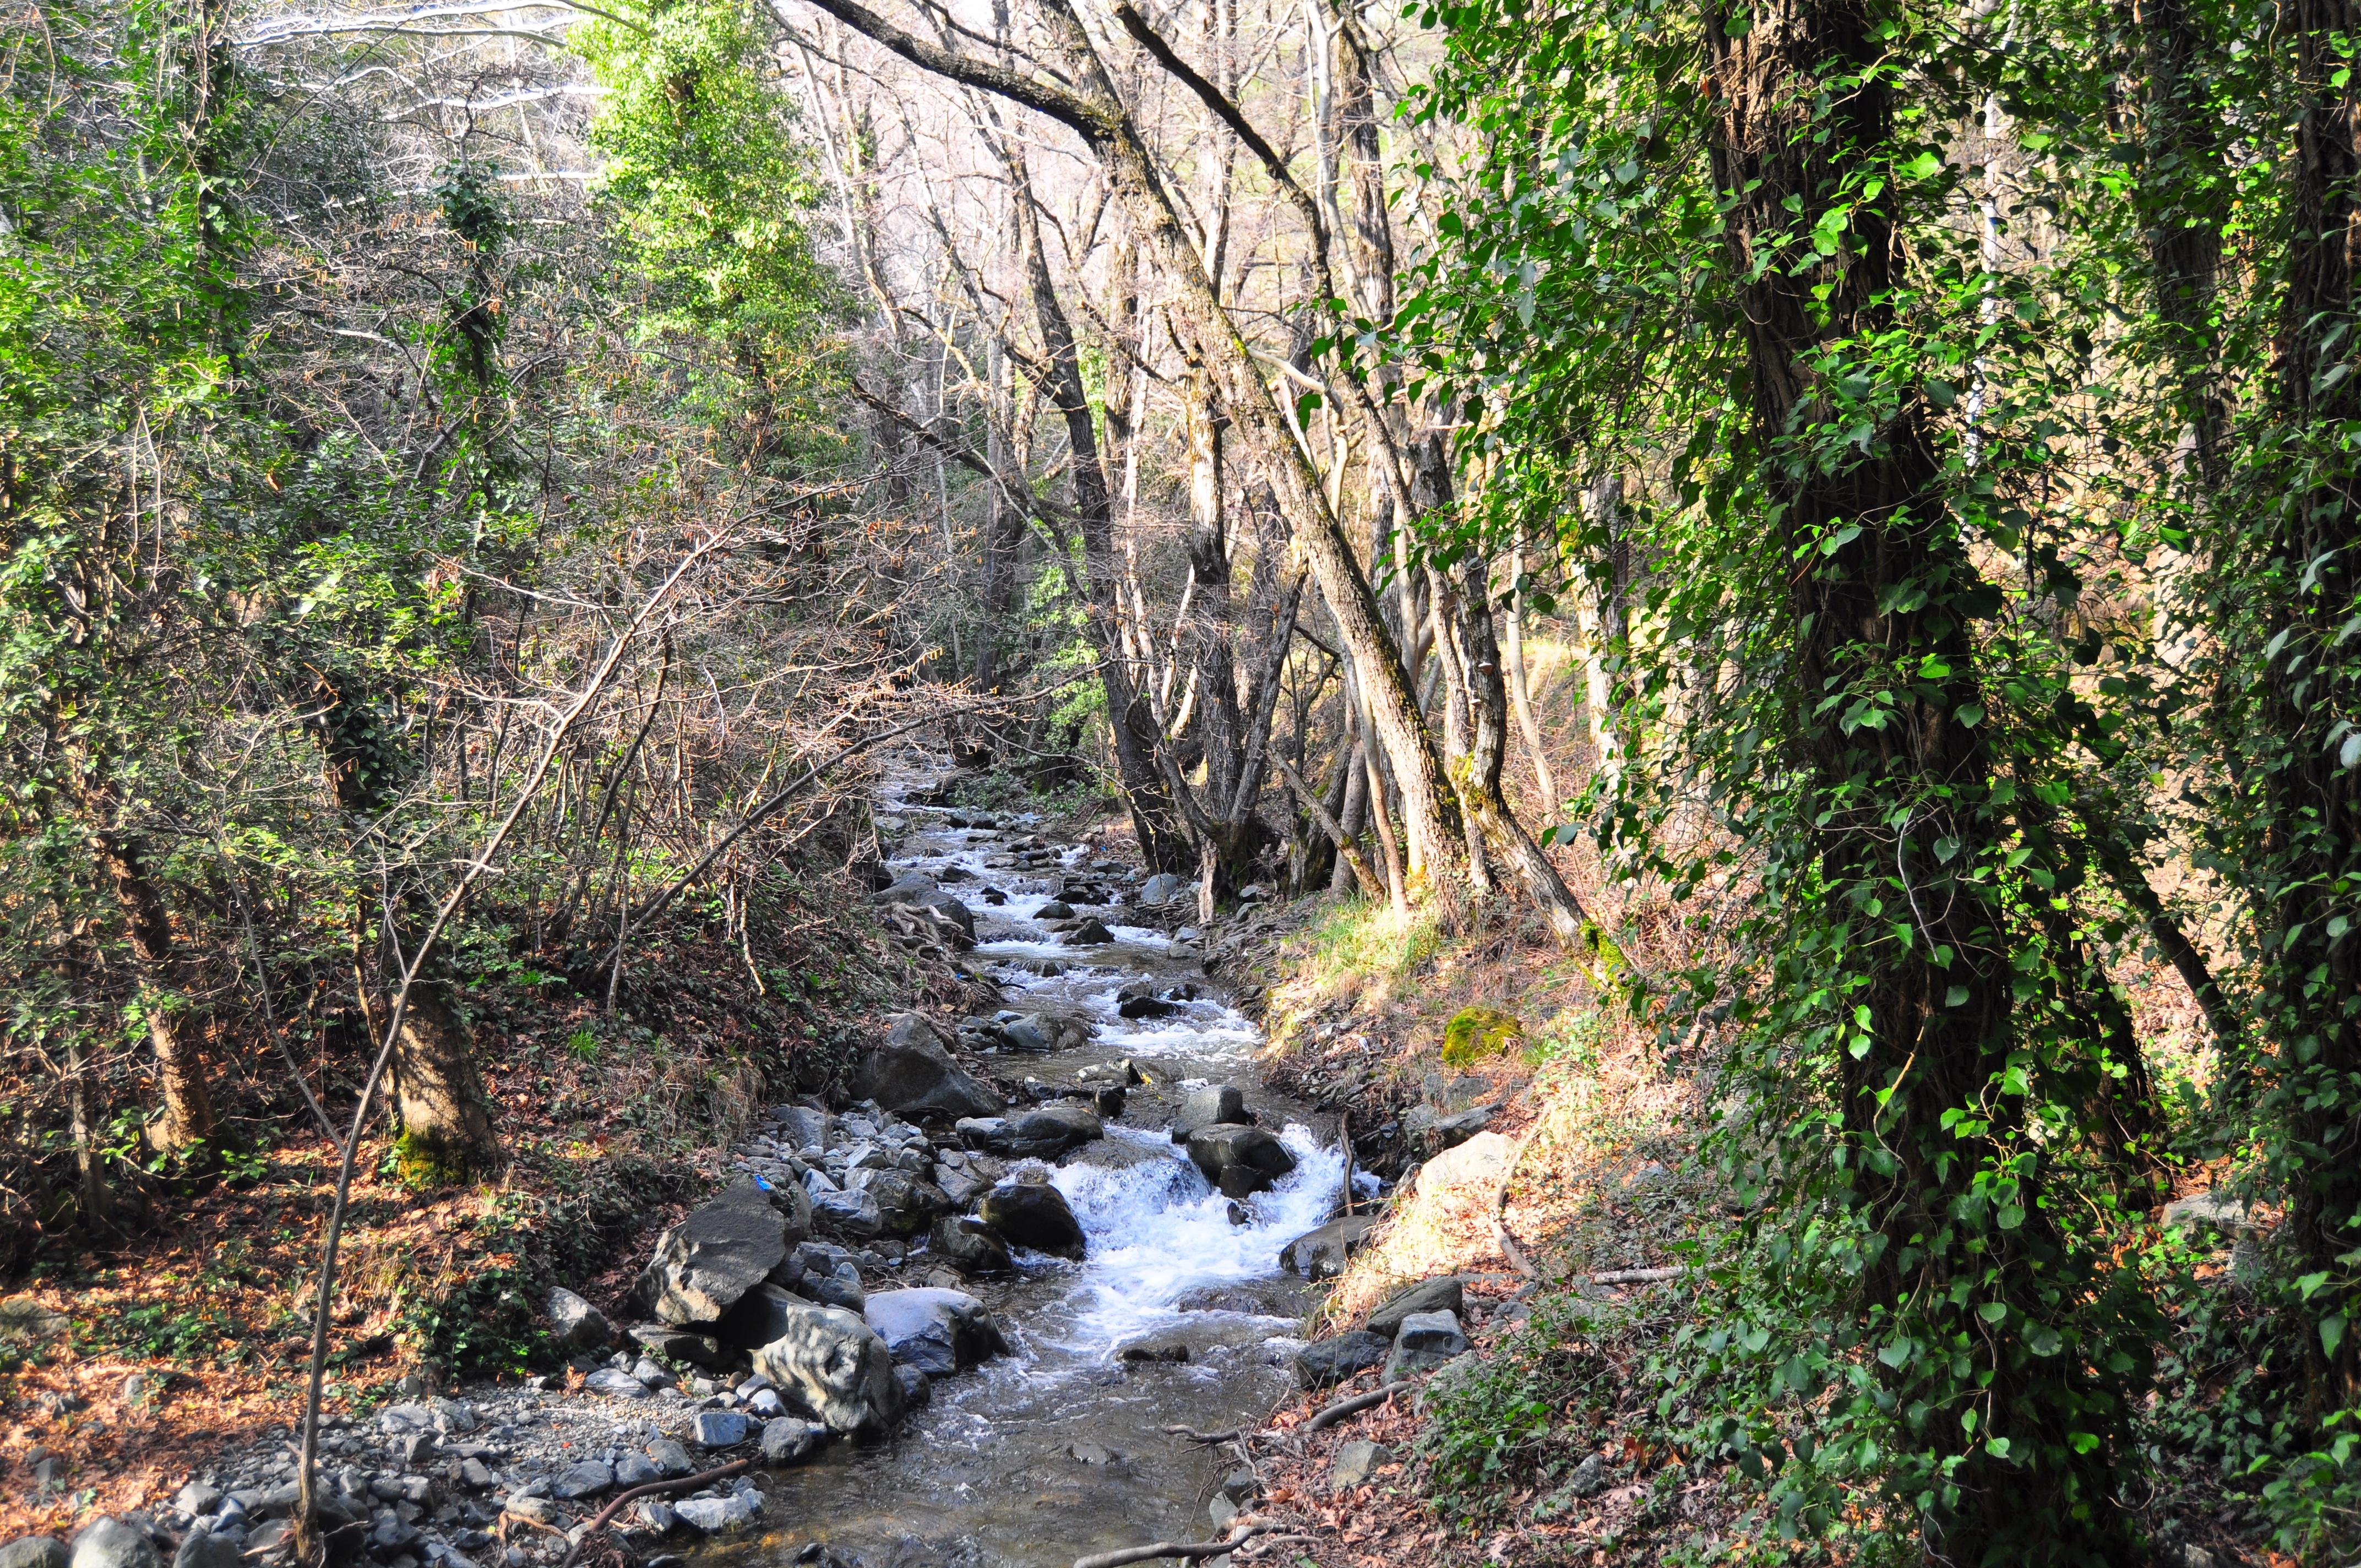 Râul de unde se formează Cascada Millomeris